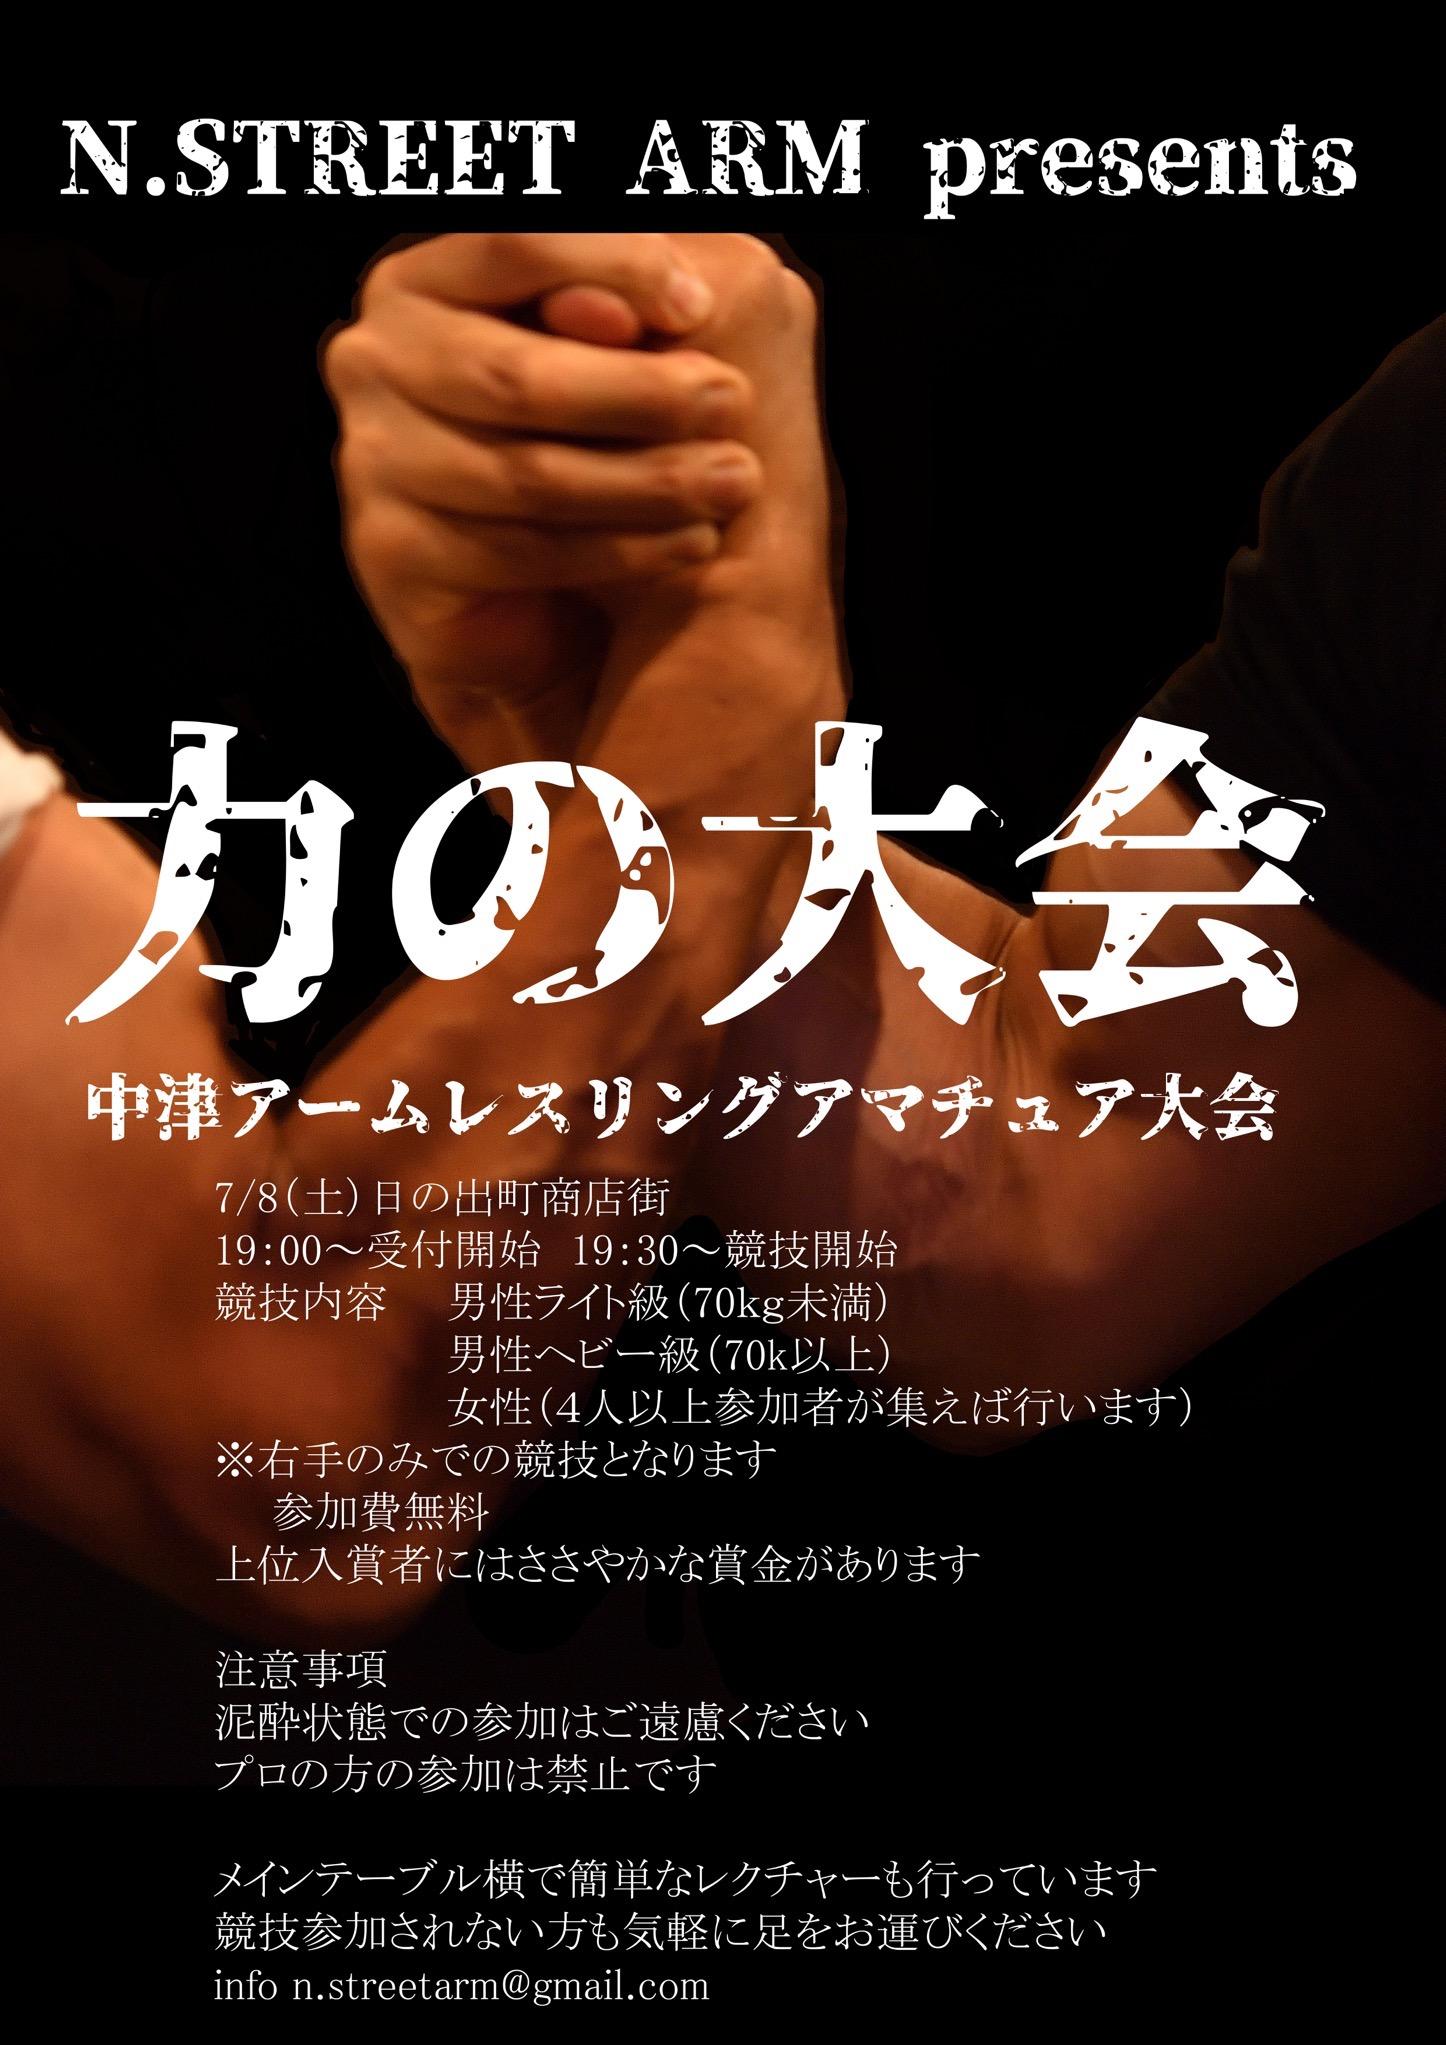 アームレスリング大会だと!?7月8日は「力の大会」に行こう!